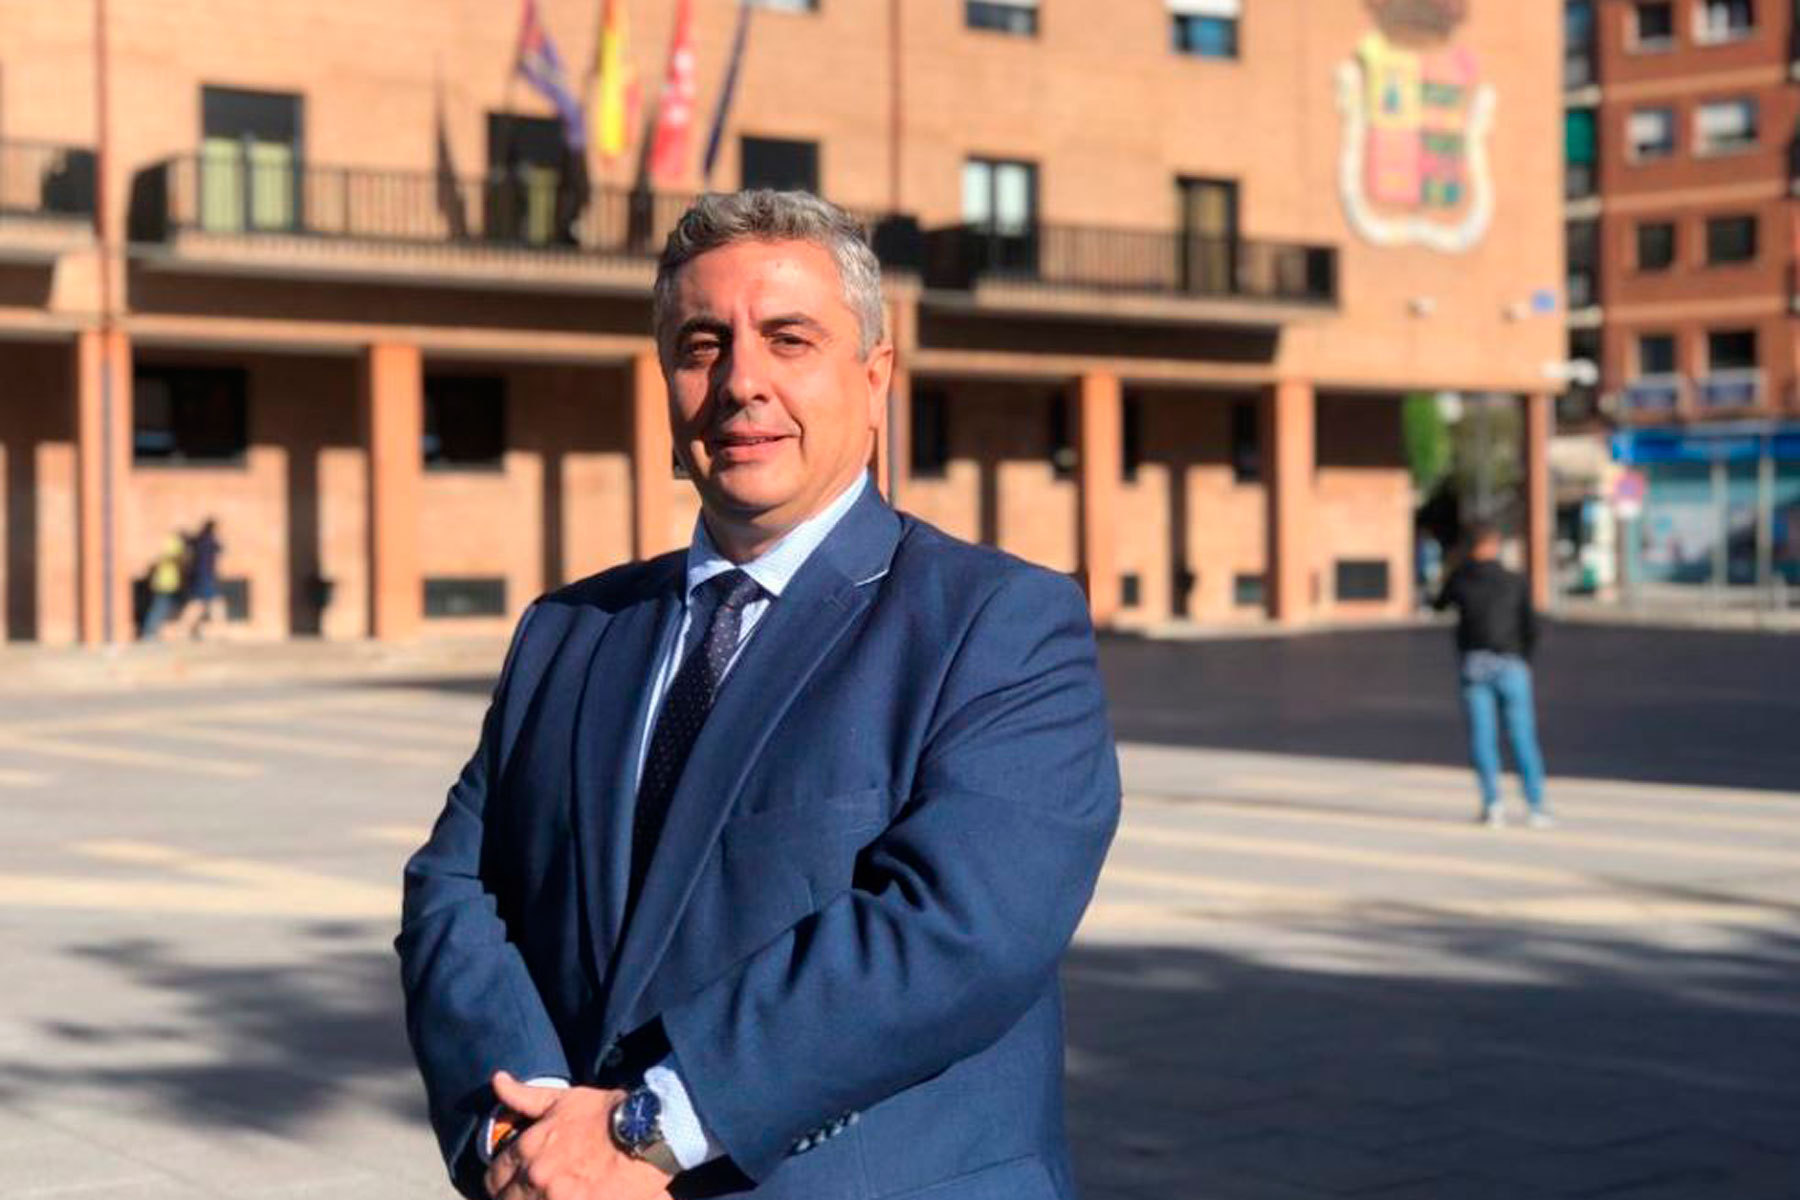 La formación, capitaneada por José Antonio Luelmo, considera insuficientes las medidas del Gobierno